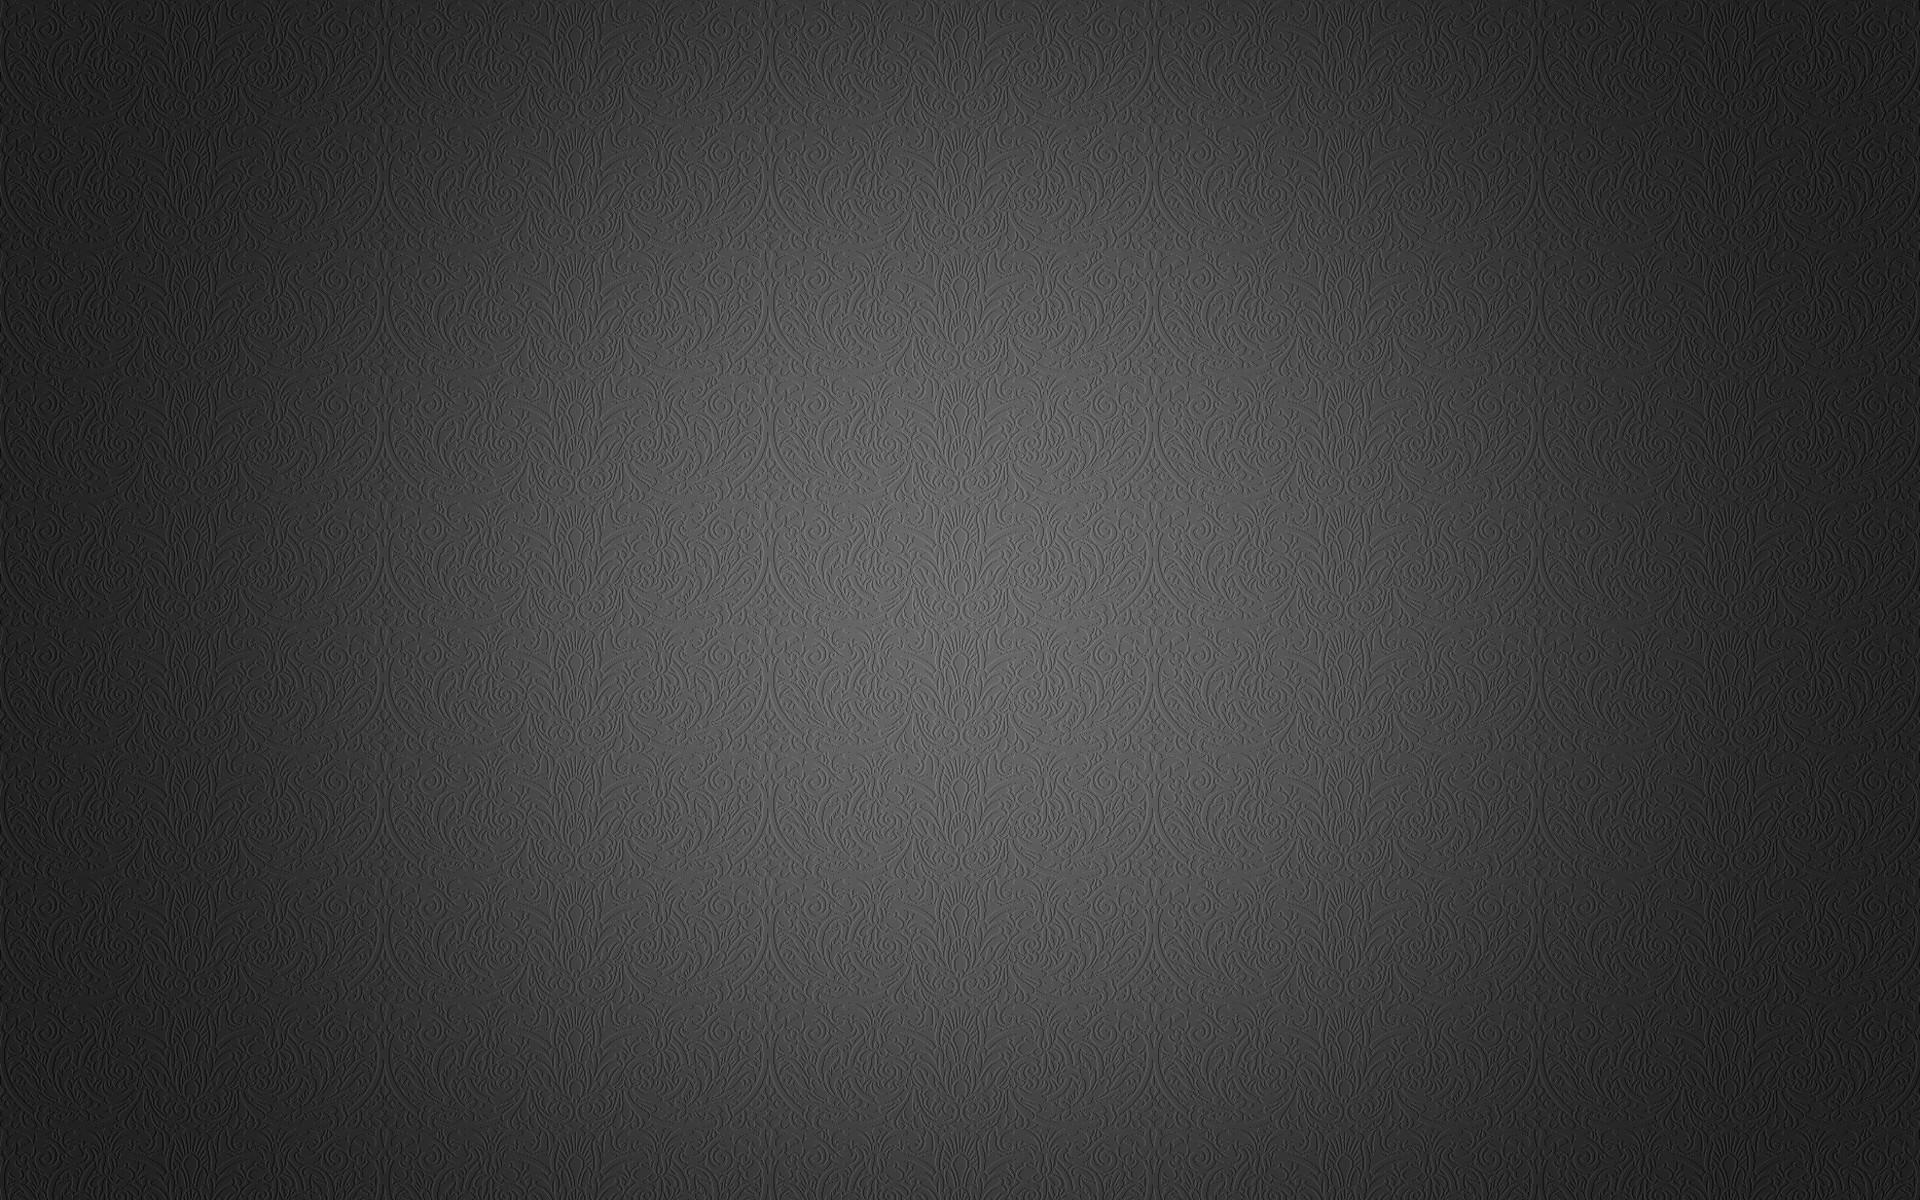 Dark Grey Hd Wallpapers Backgrounds Wallpaper Ass Dark Grey 1280×800 Dark Grey  Wallpapers (35 Wallpapers) | Adorable Wallpapers | Desktop | Pinterest |  Dark …